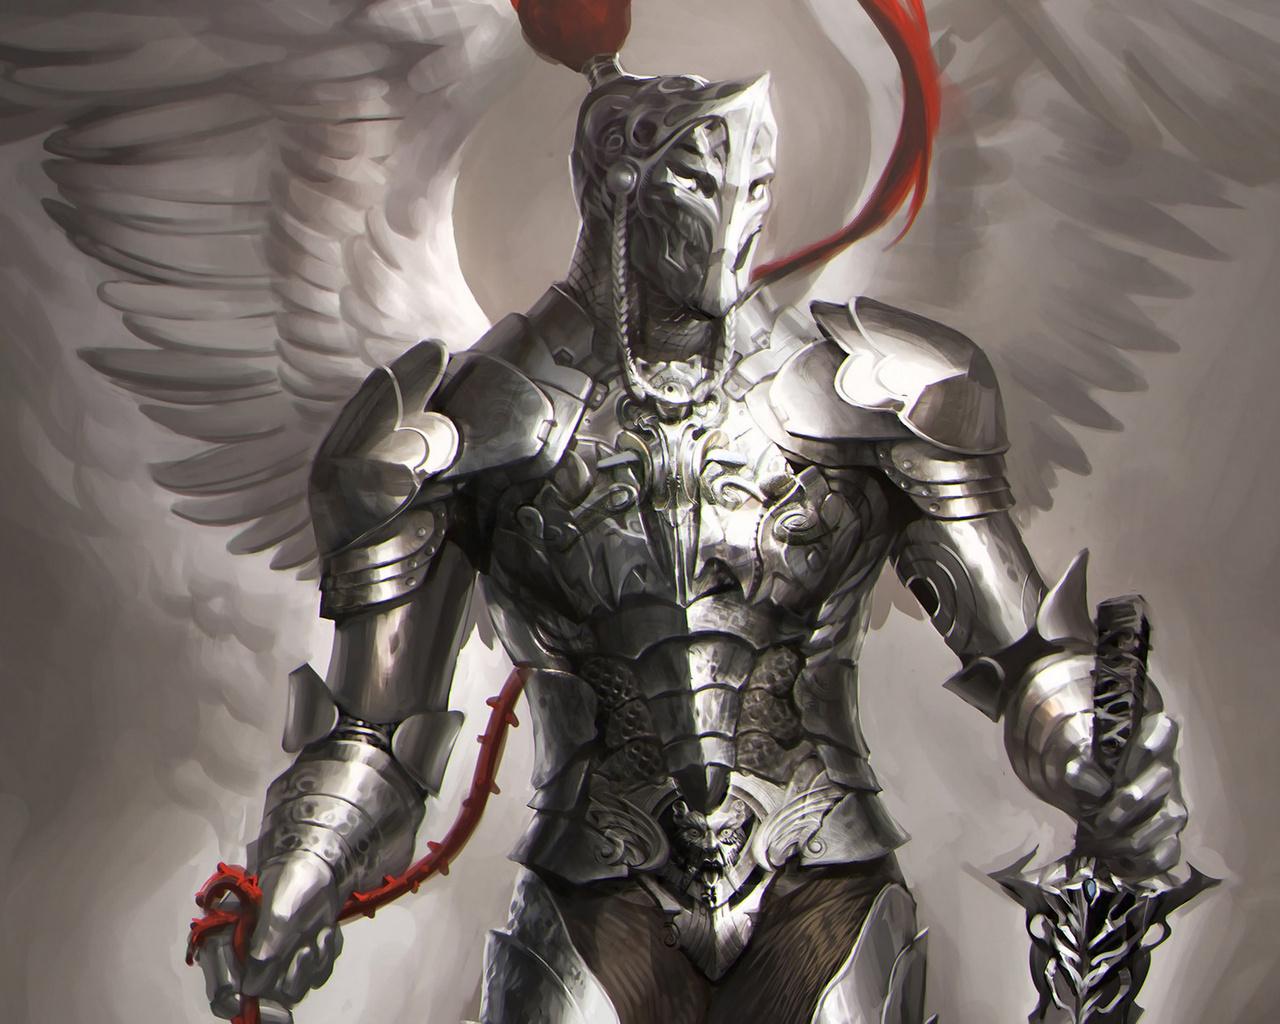 крылья, sakimichan, рыцарь, Арт, доспехи, оружие, ангел, меч